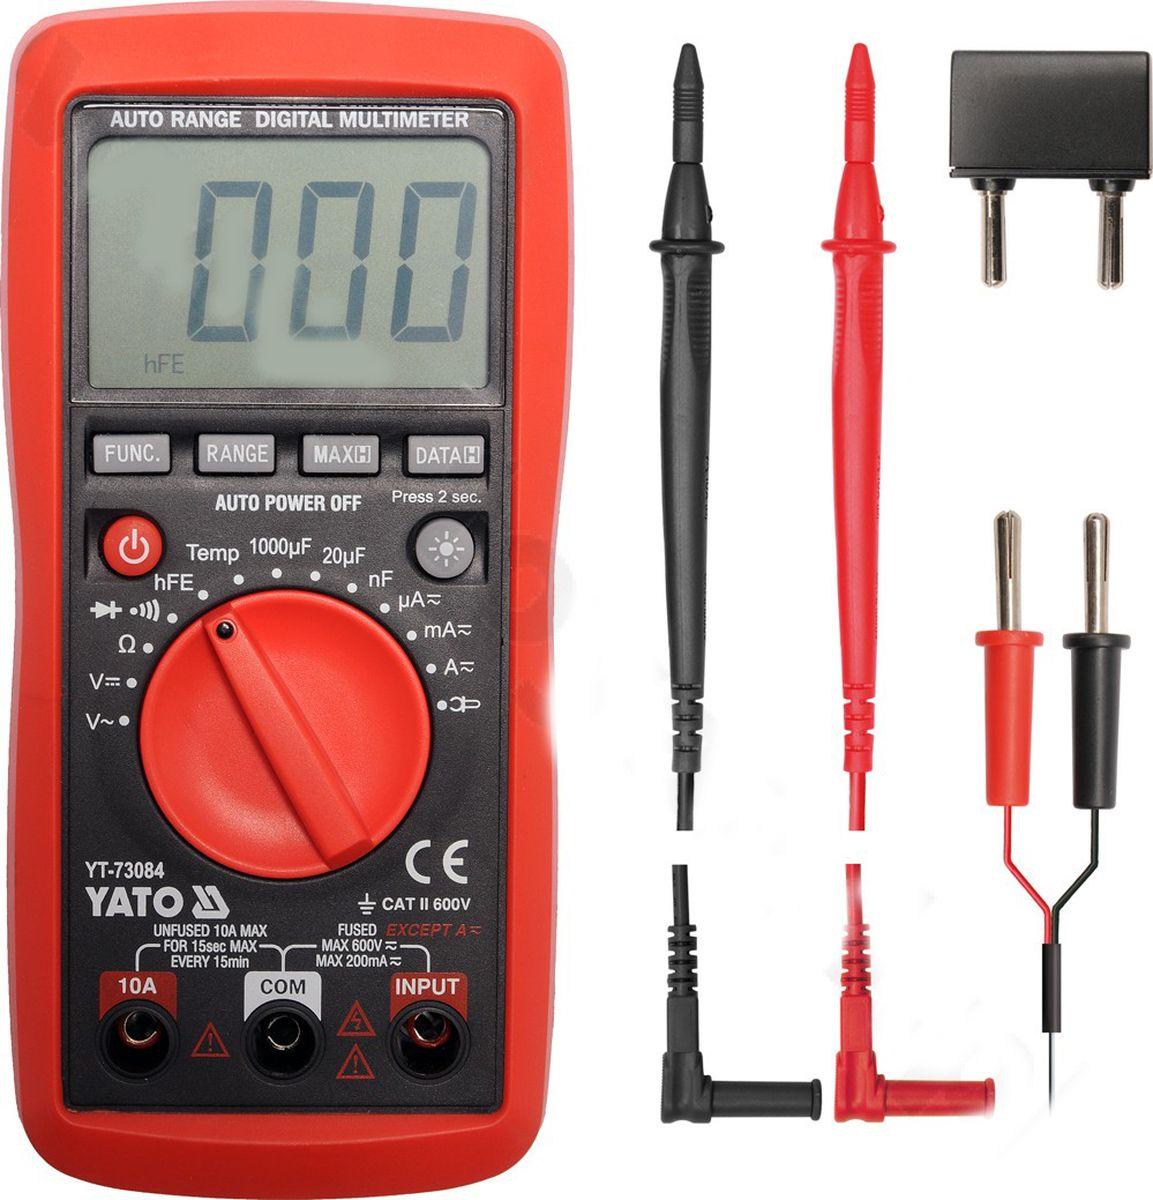 Мультиметр цифровой YatoCA-3505Мультиметр цифровой YATO. Измерение напряжения переменного и постоянного тока 0-600 В; измерение напряжения 0-20 M?; измерение температуры -20-1000 С/